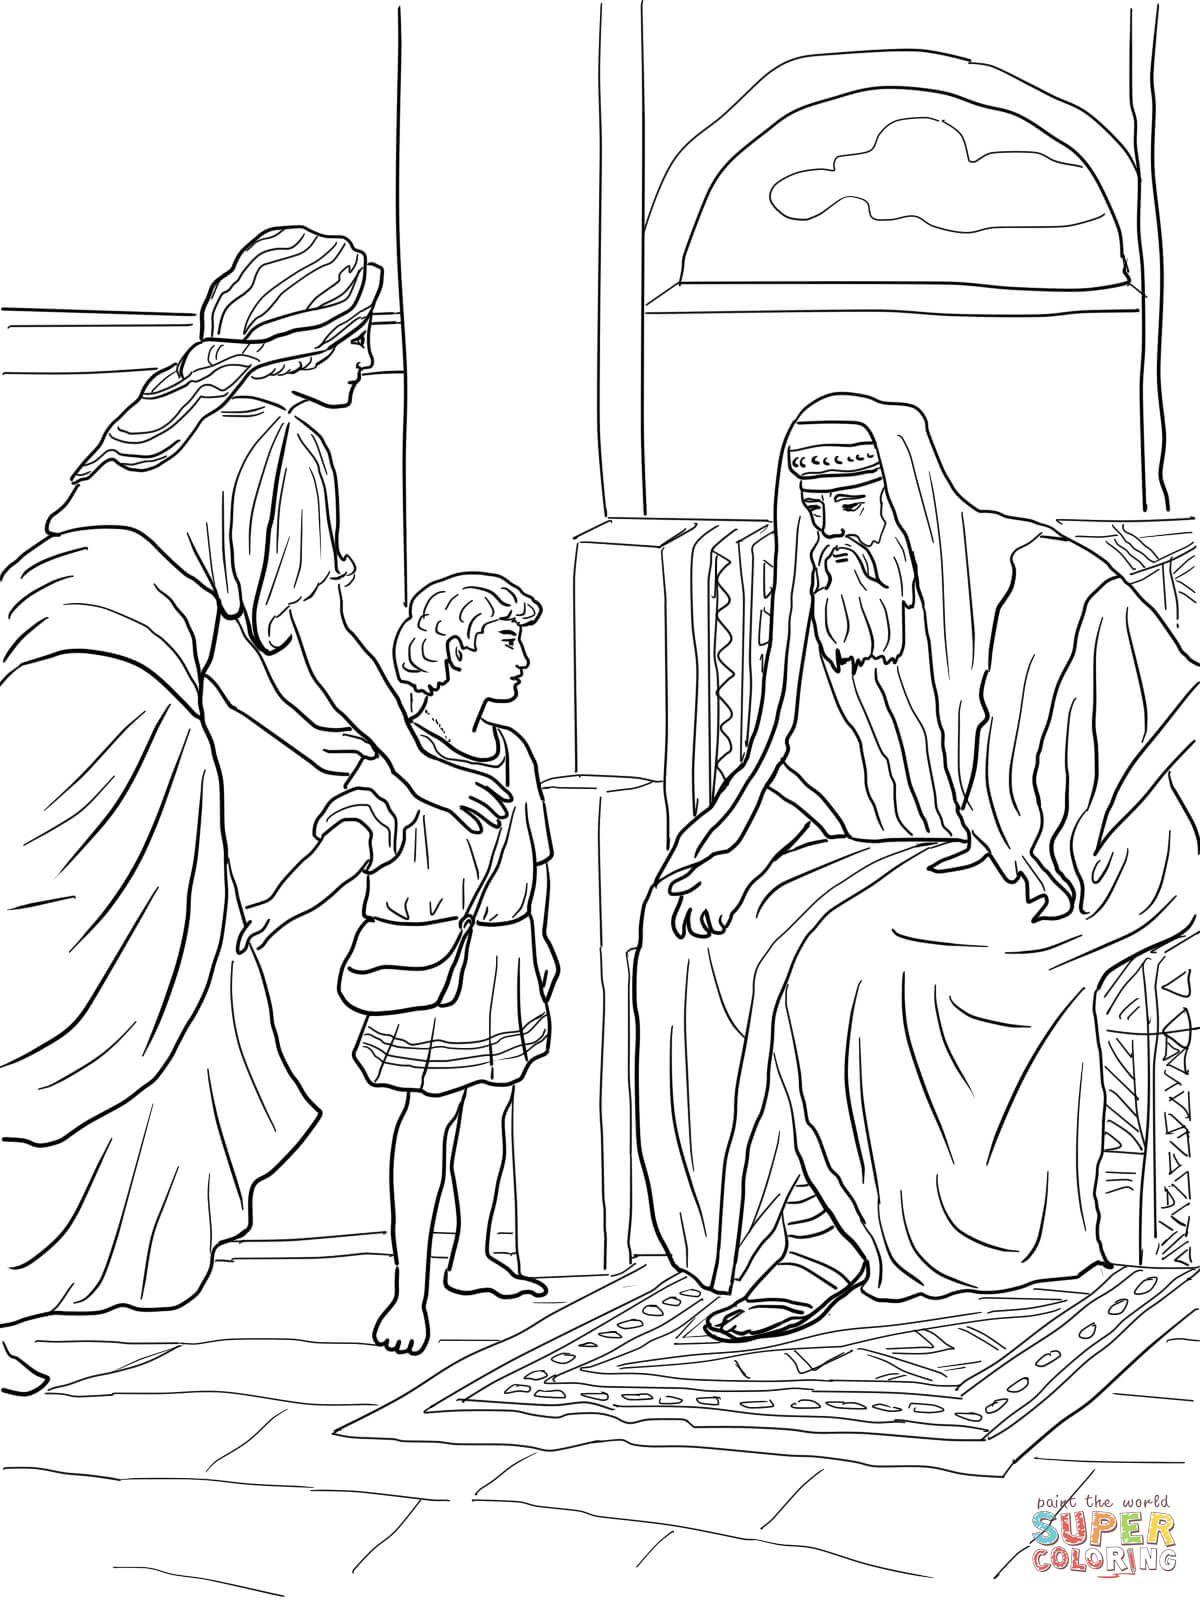 prophet samuel ausmalbilder #ausmalbilder #prophet #samuel